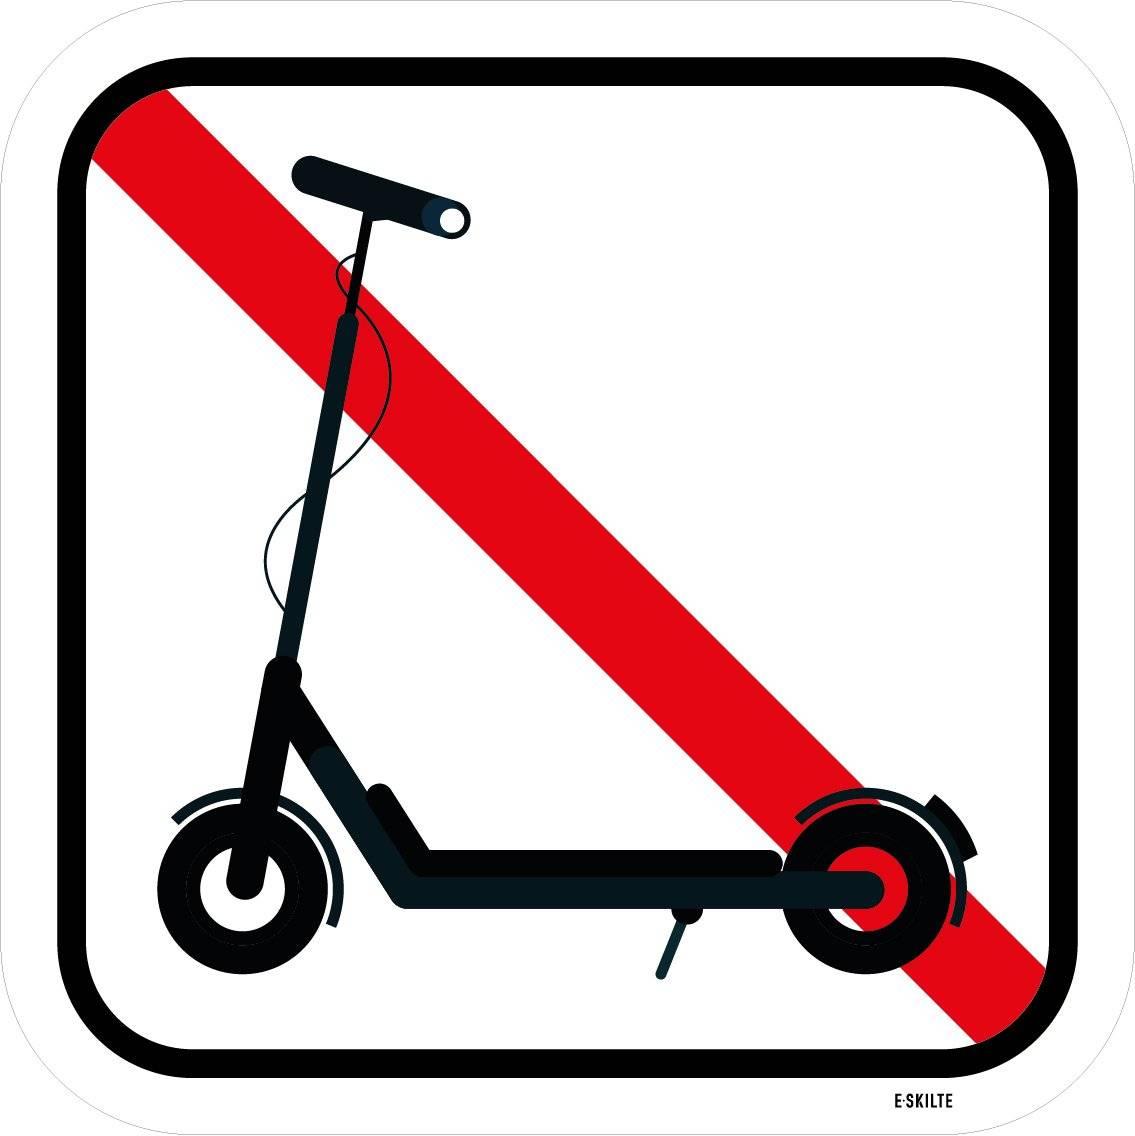 Løbehjul forbudt. Forbudsskilt